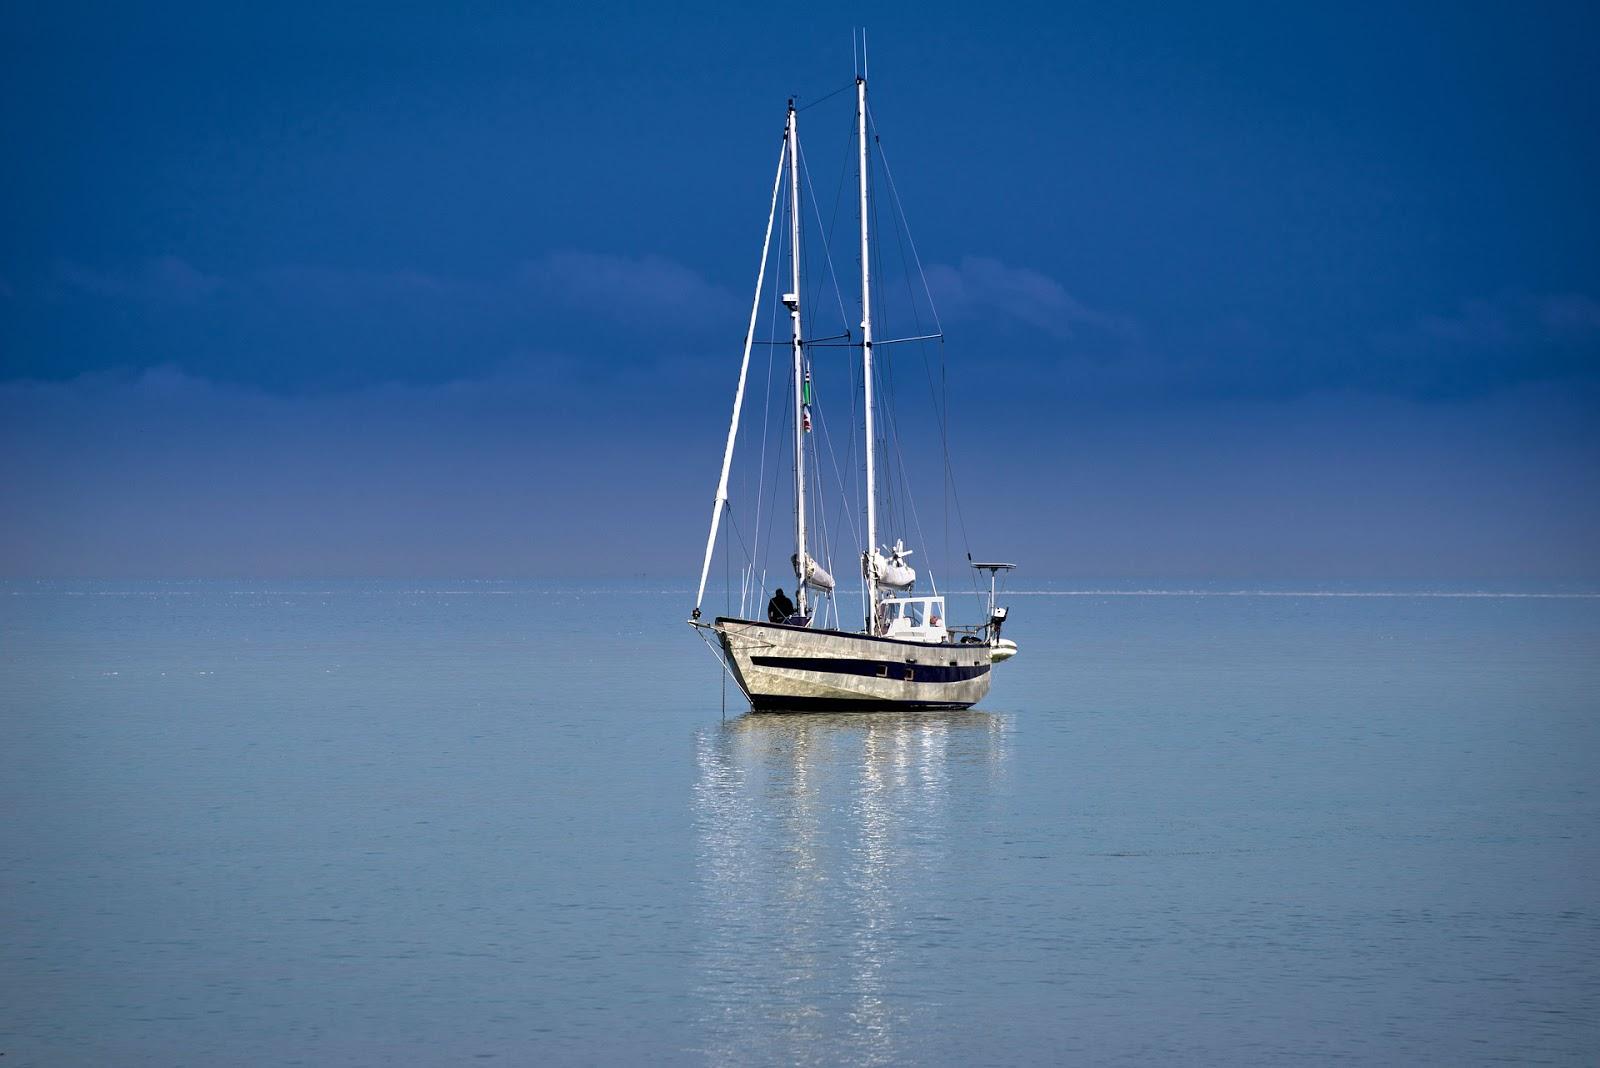 weißes Boot auf blauem Meer